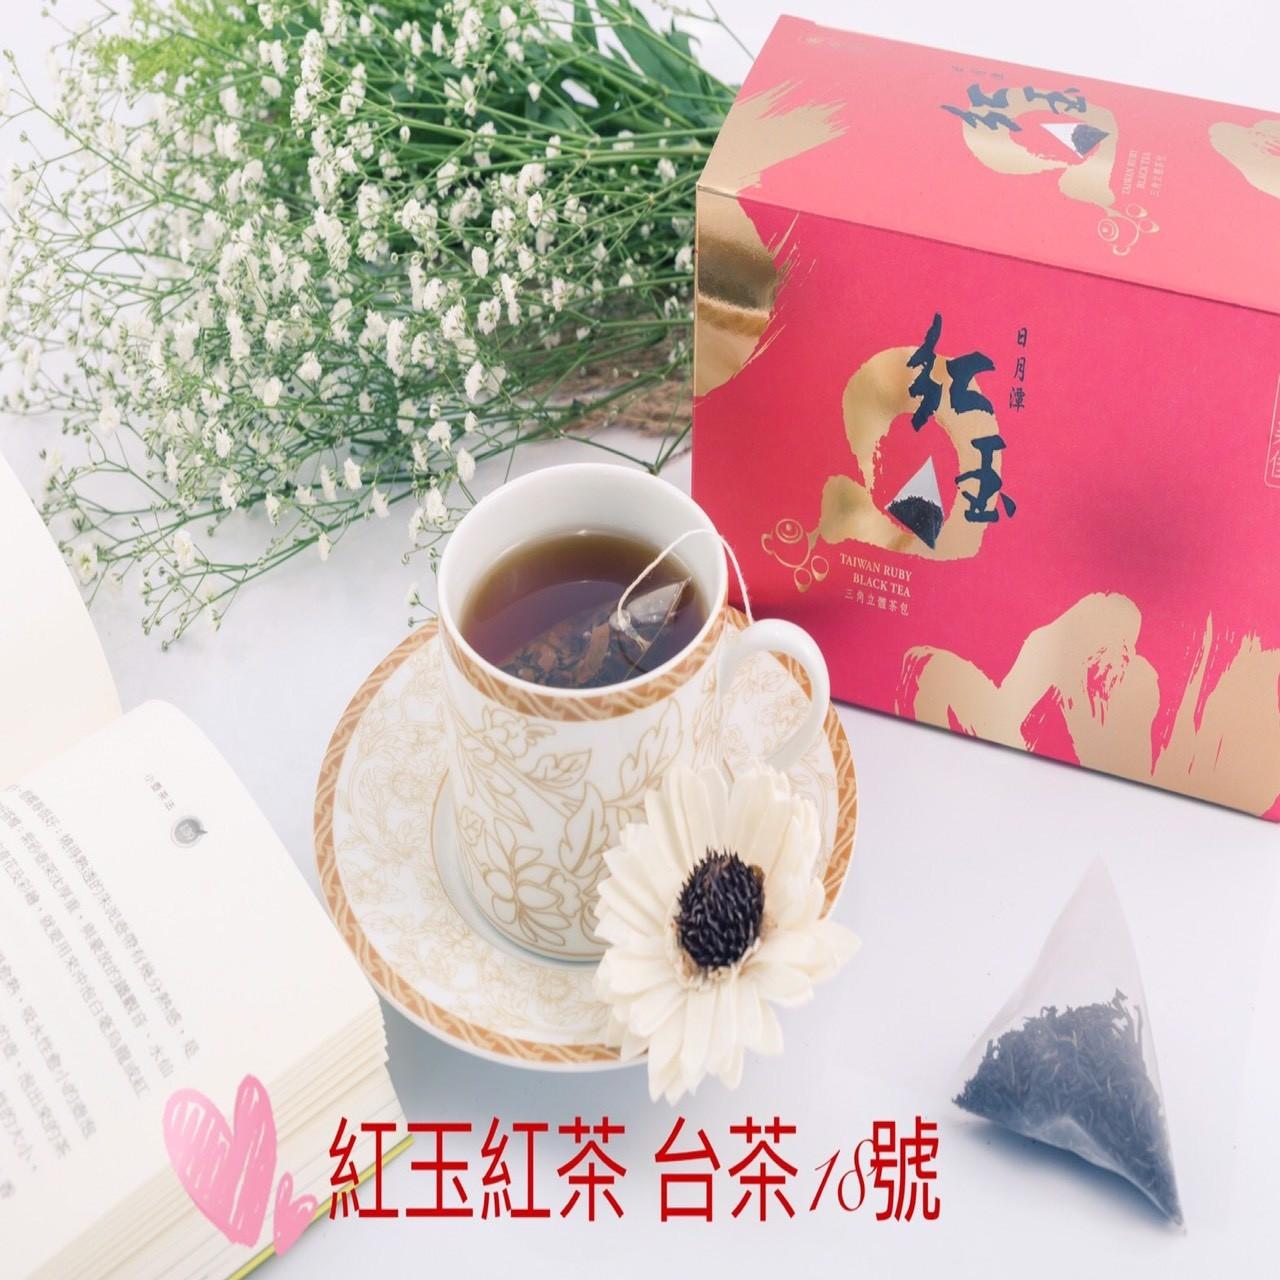 【雋美佳】『台茶18號』紅玉紅茶 立體茶包-日月潭紅茶